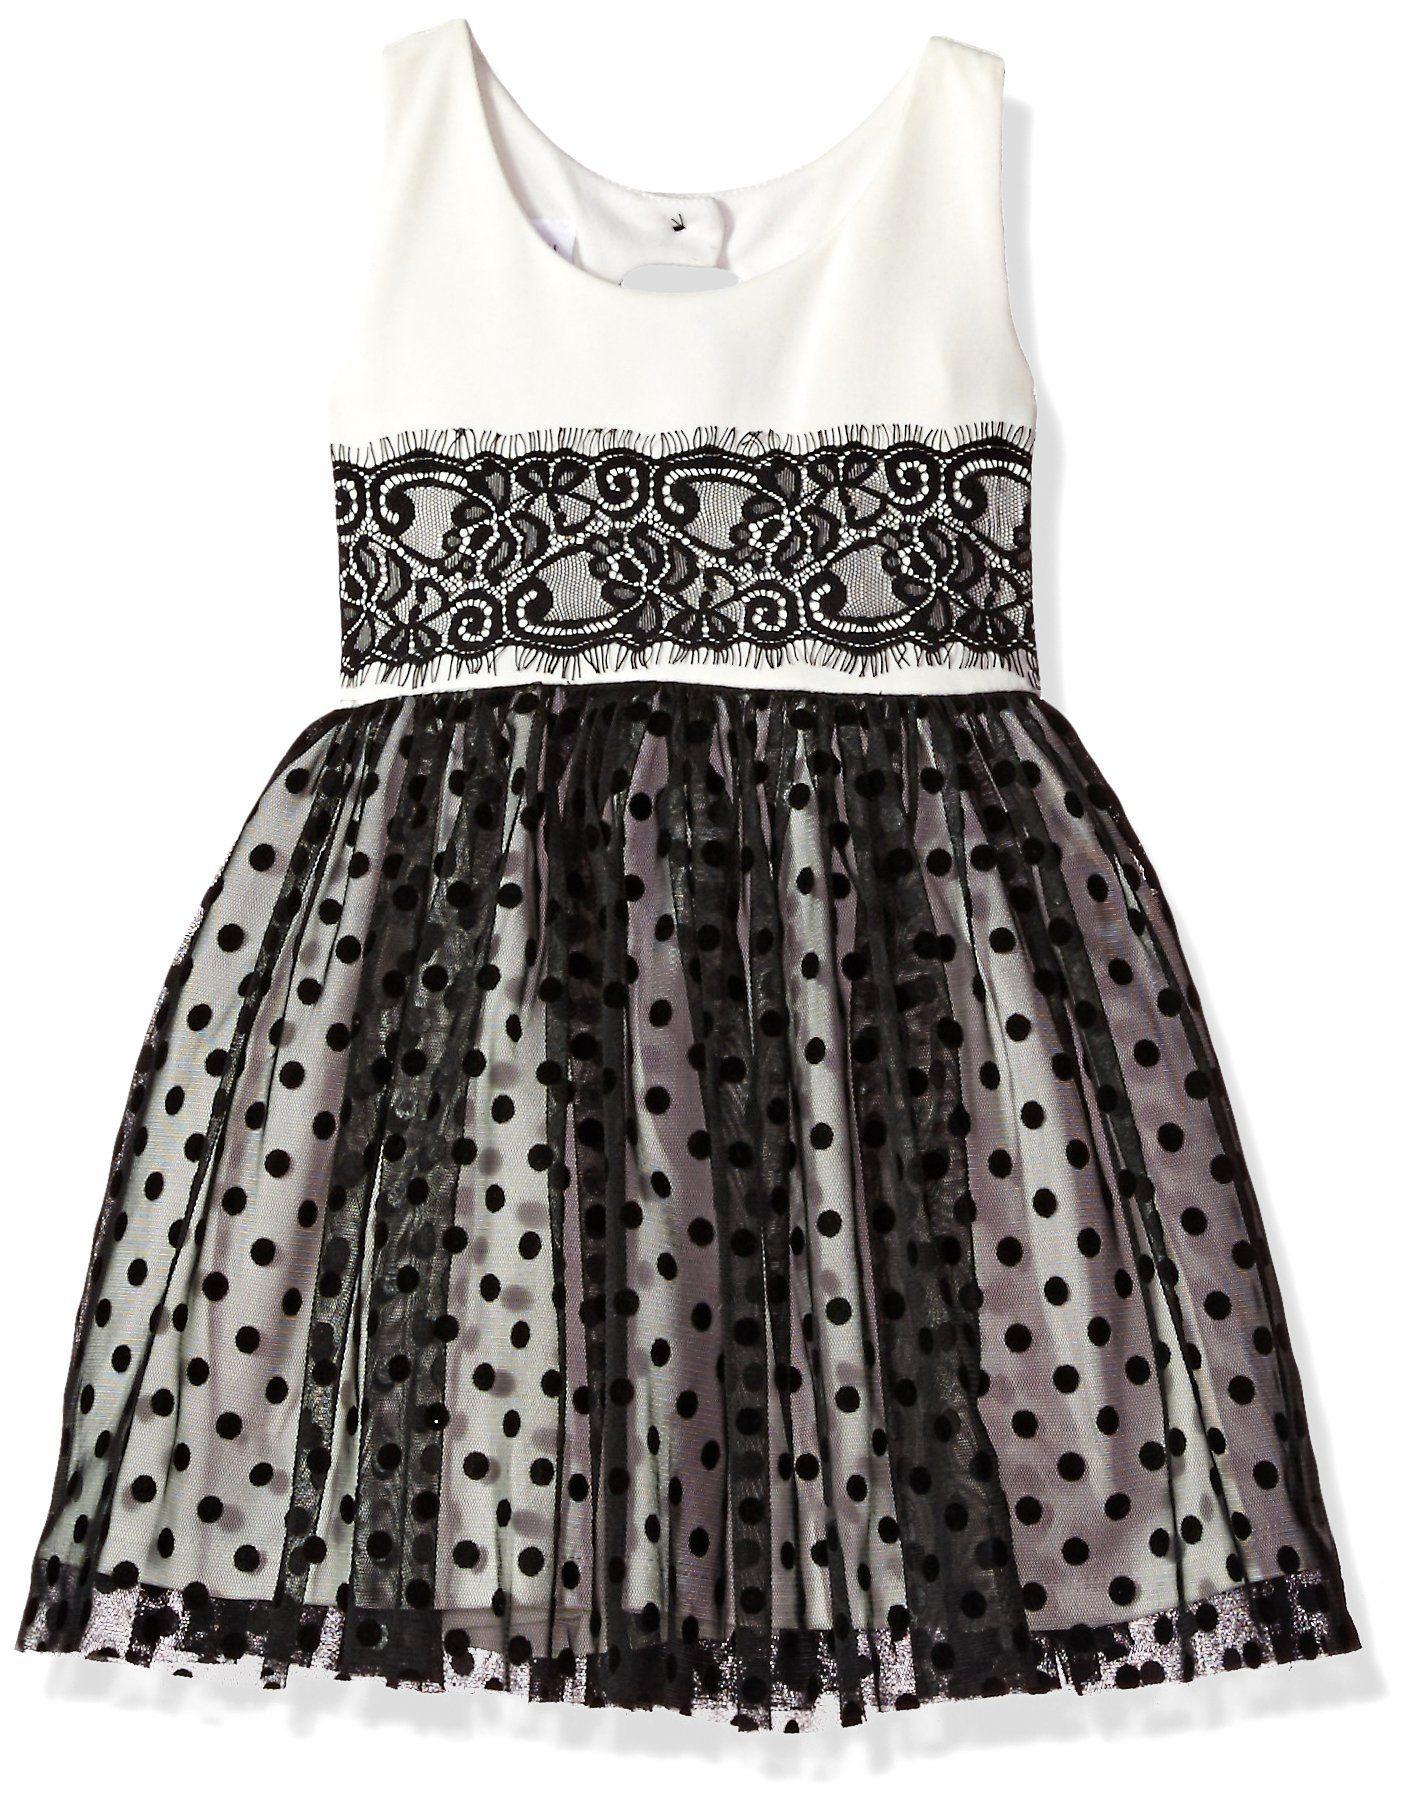 Bonnie Jean Toddler Girls Little Lace Party Dress Black White 3t Scuba Waistline Dress With Lace Panels Polka D Lace Party Dresses Waistline Dress Dresses [ 1803 x 1406 Pixel ]